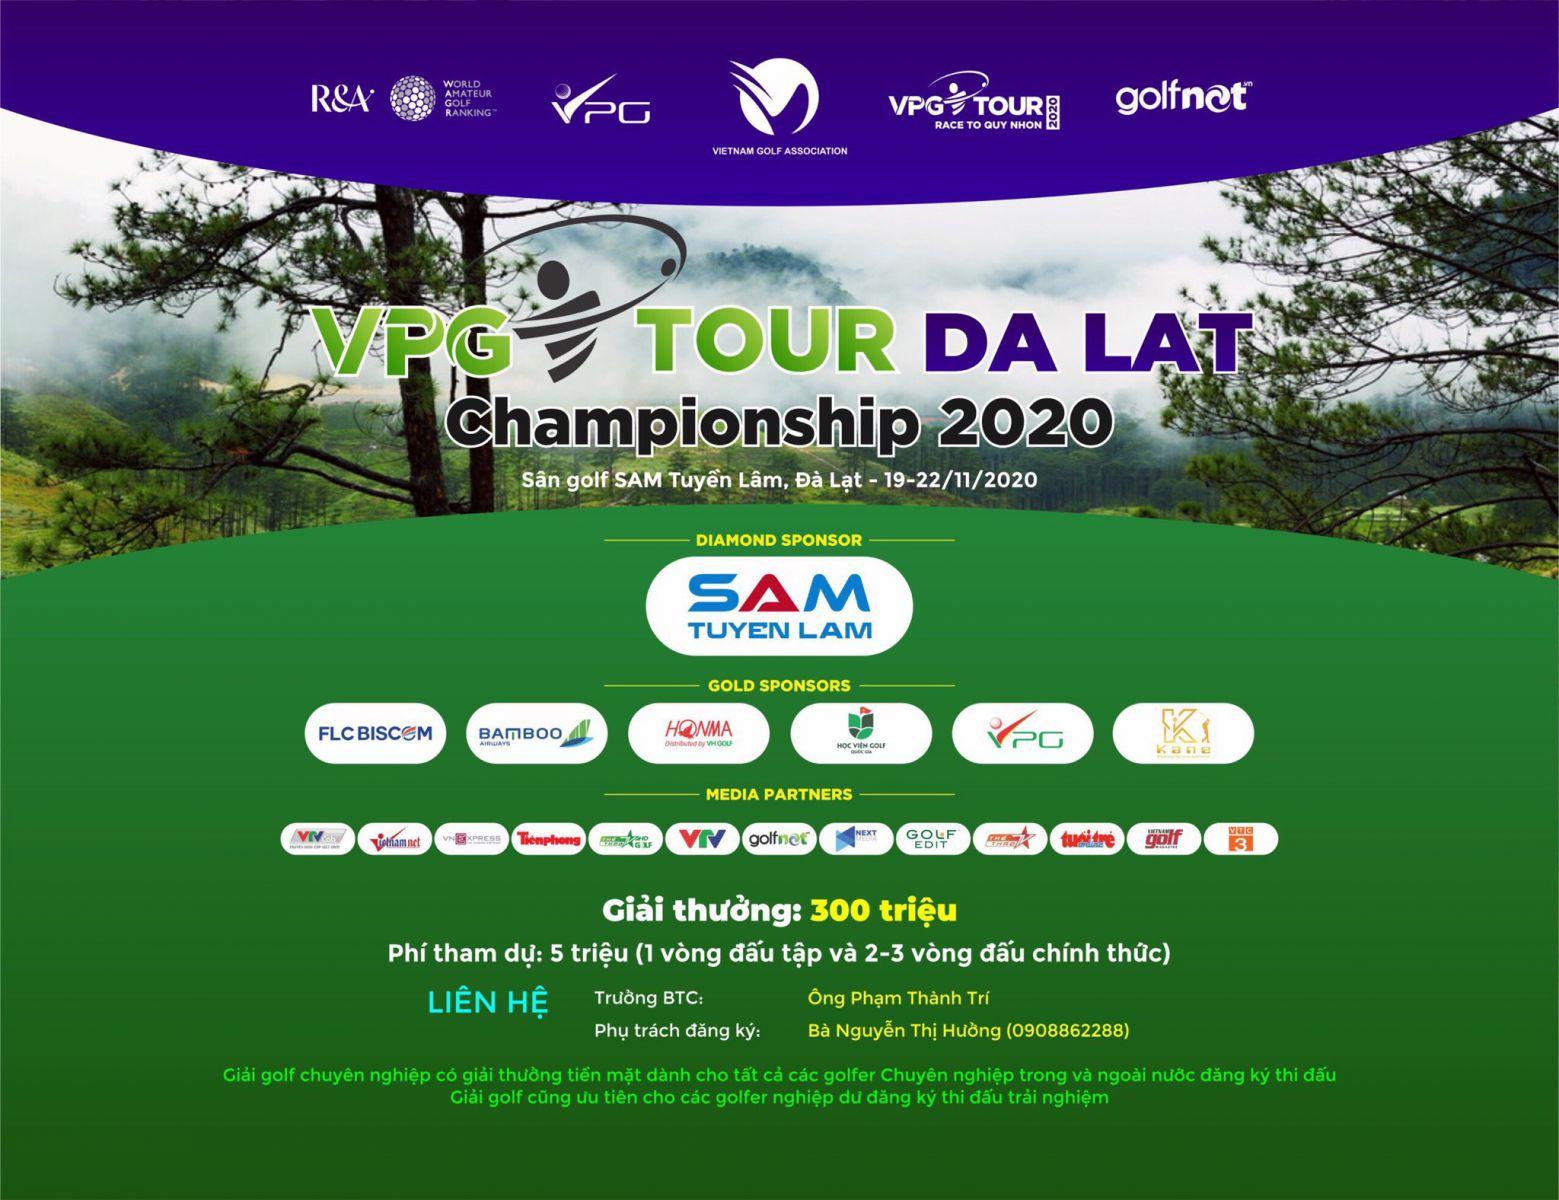 Đại diện Golfgroup – HLV Bùi Hoành tham dự giải Golf chuyên nghiệp - VPG Tour Da Lat Championship 2020